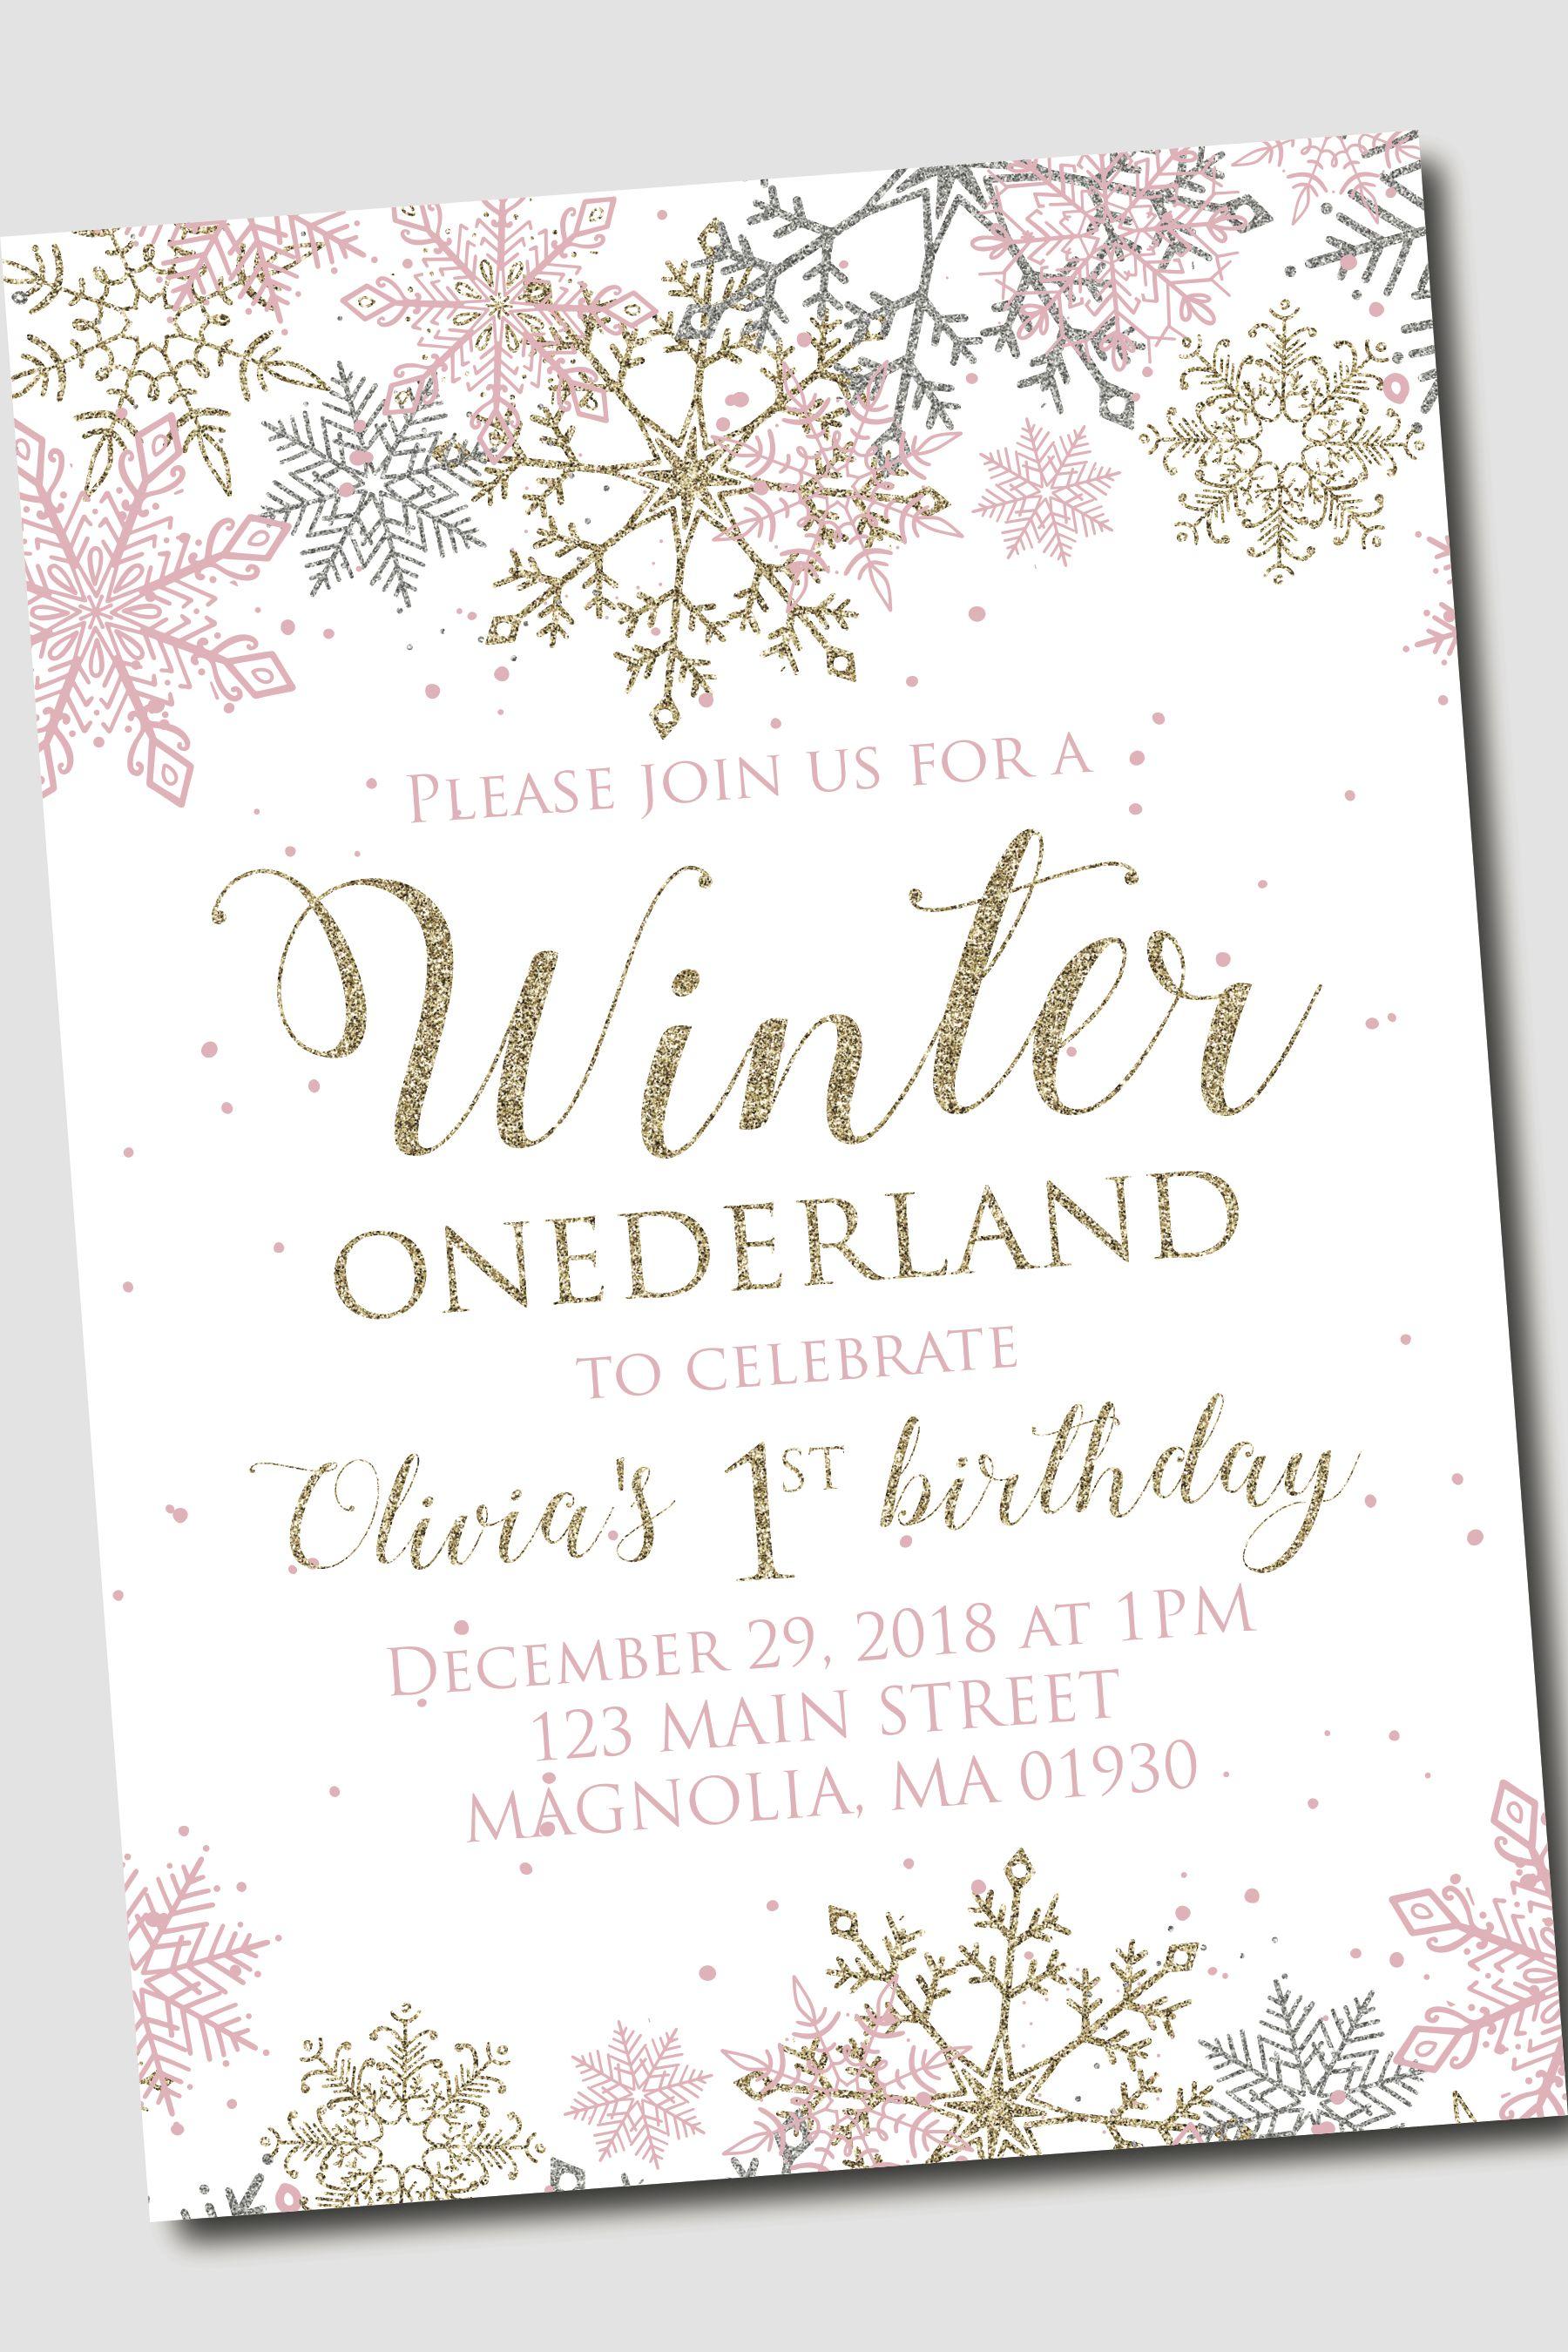 Winter ONEderland Birthday party invite snowflake invitation #firstbirthdaygirl